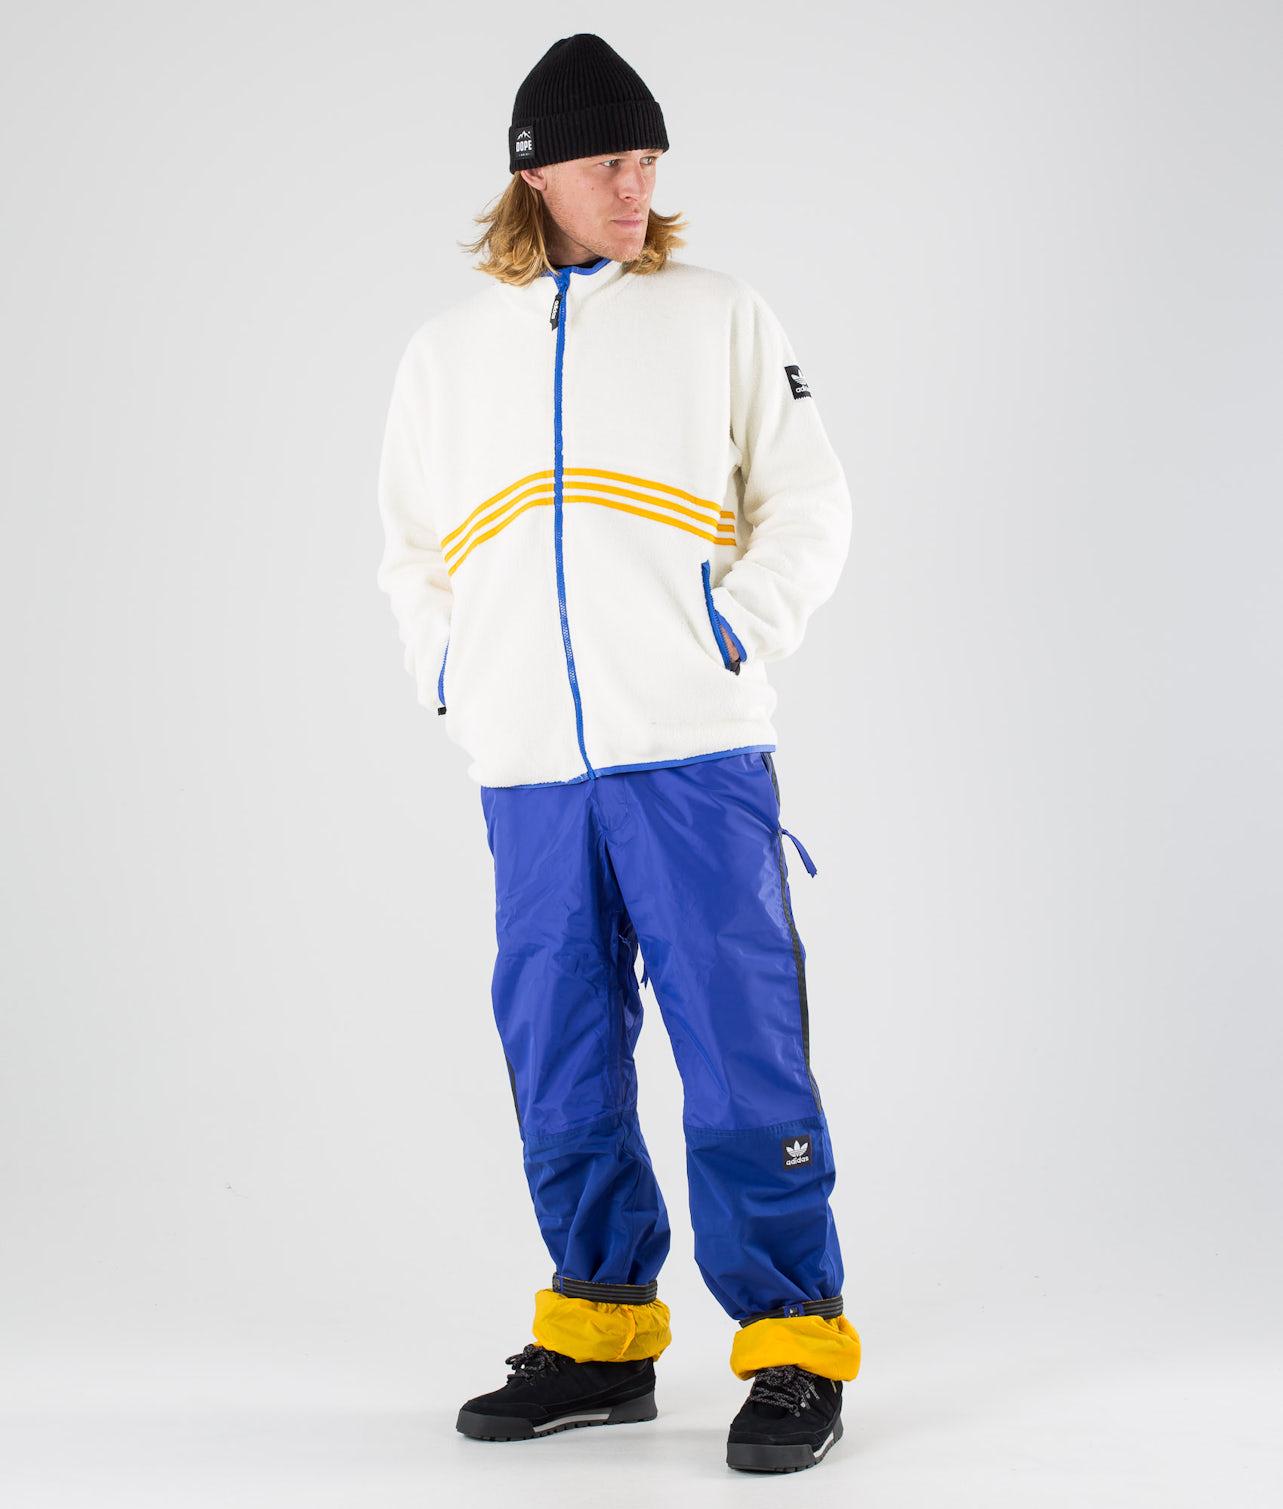 Köp Sherpa Full Zip Jacka från Adidas Skateboarding på Ridestore.se Hos oss har du alltid fri frakt, fri retur och 30 dagar öppet köp!